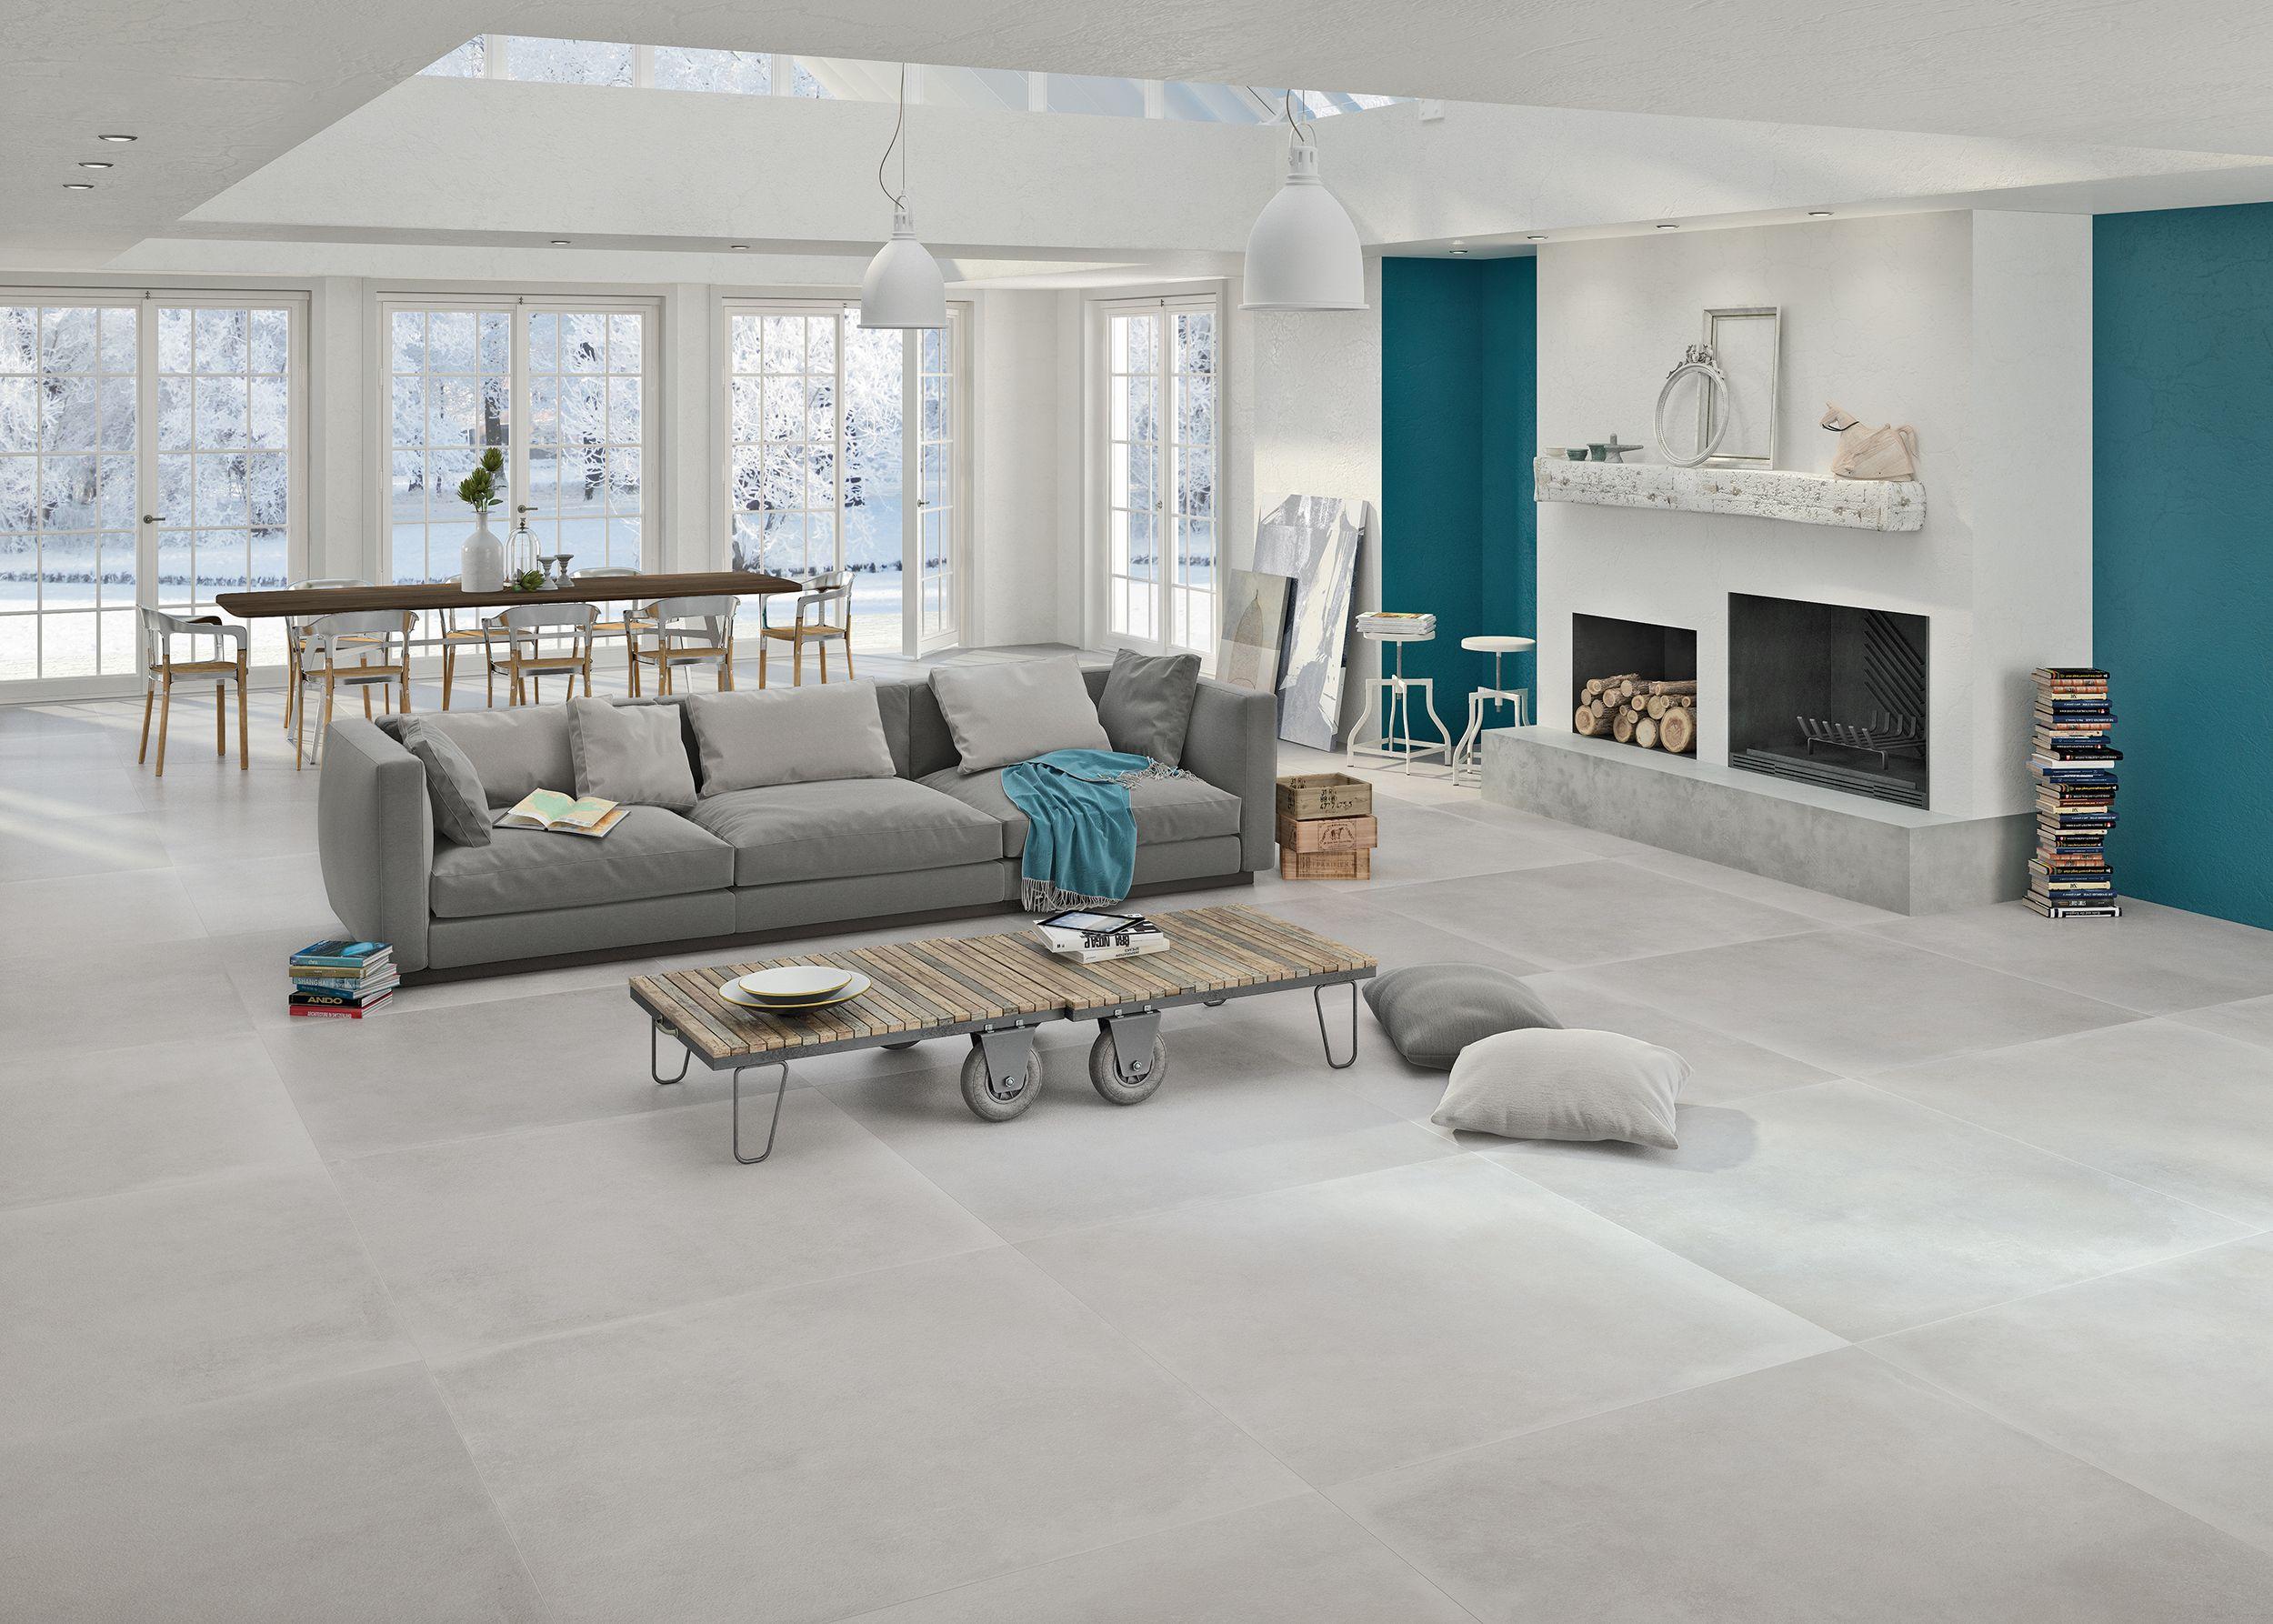 Vloertegels in 120x120 in een mooie grijze tint (03-RO), Tegelhuys ...